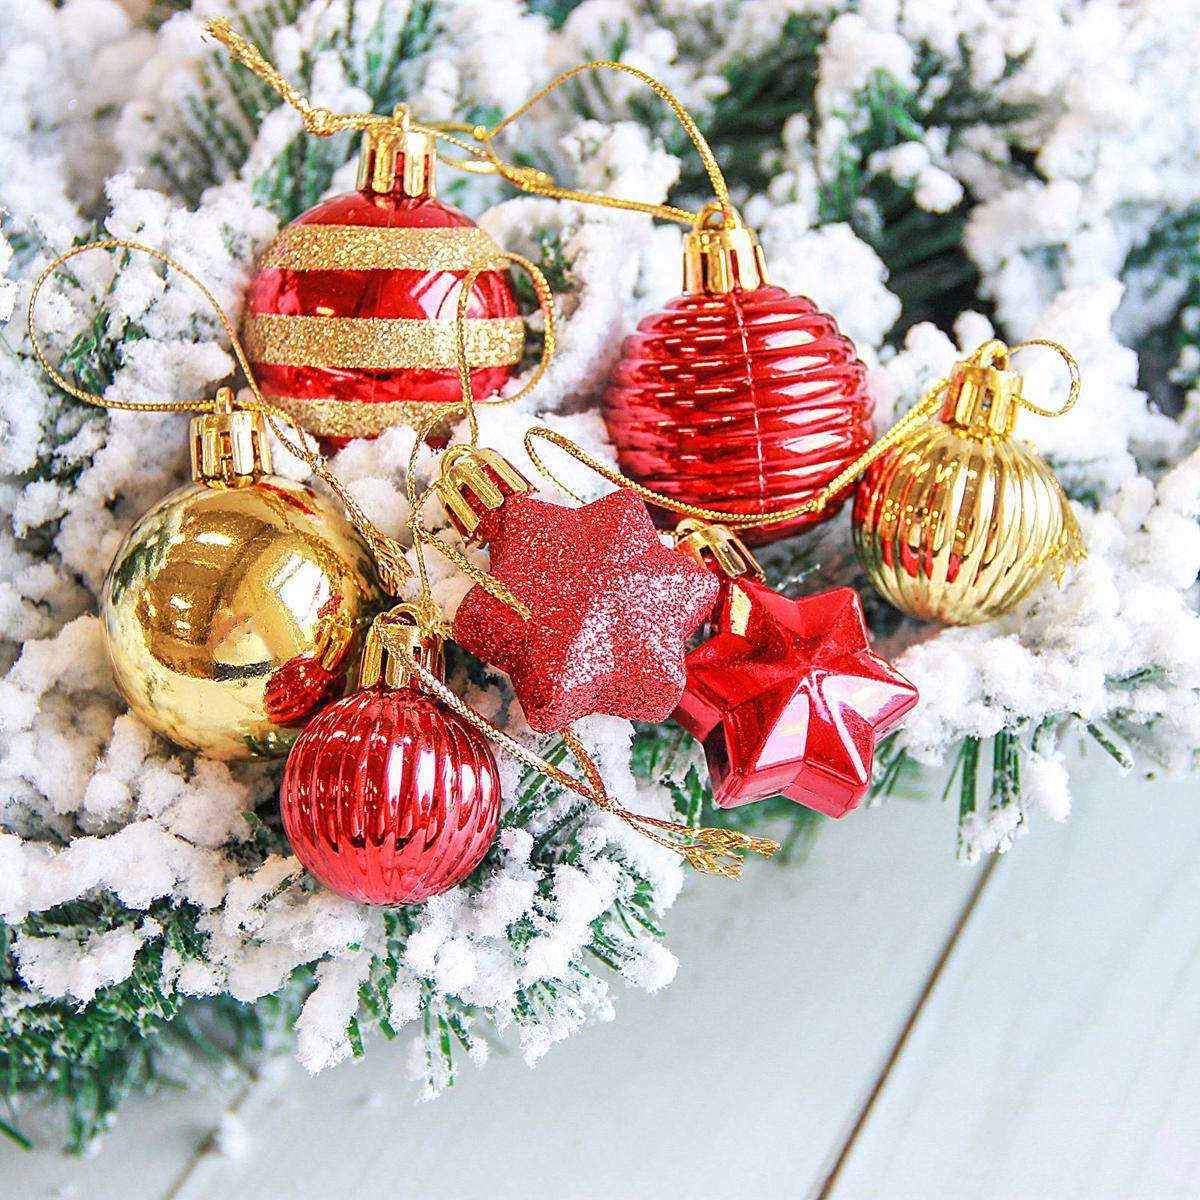 Набор новогодних подвесных украшений Sima-land Серпантин,цвет: красный, 21 шт2122893Невозможно представить нашу жизнь без праздников! Мы всегда ждём их и предвкушаем, обдумываем, как проведём памятный день, тщательно выбираем подарки и аксессуары, ведь именно они создают и поддерживают торжественный настрой.